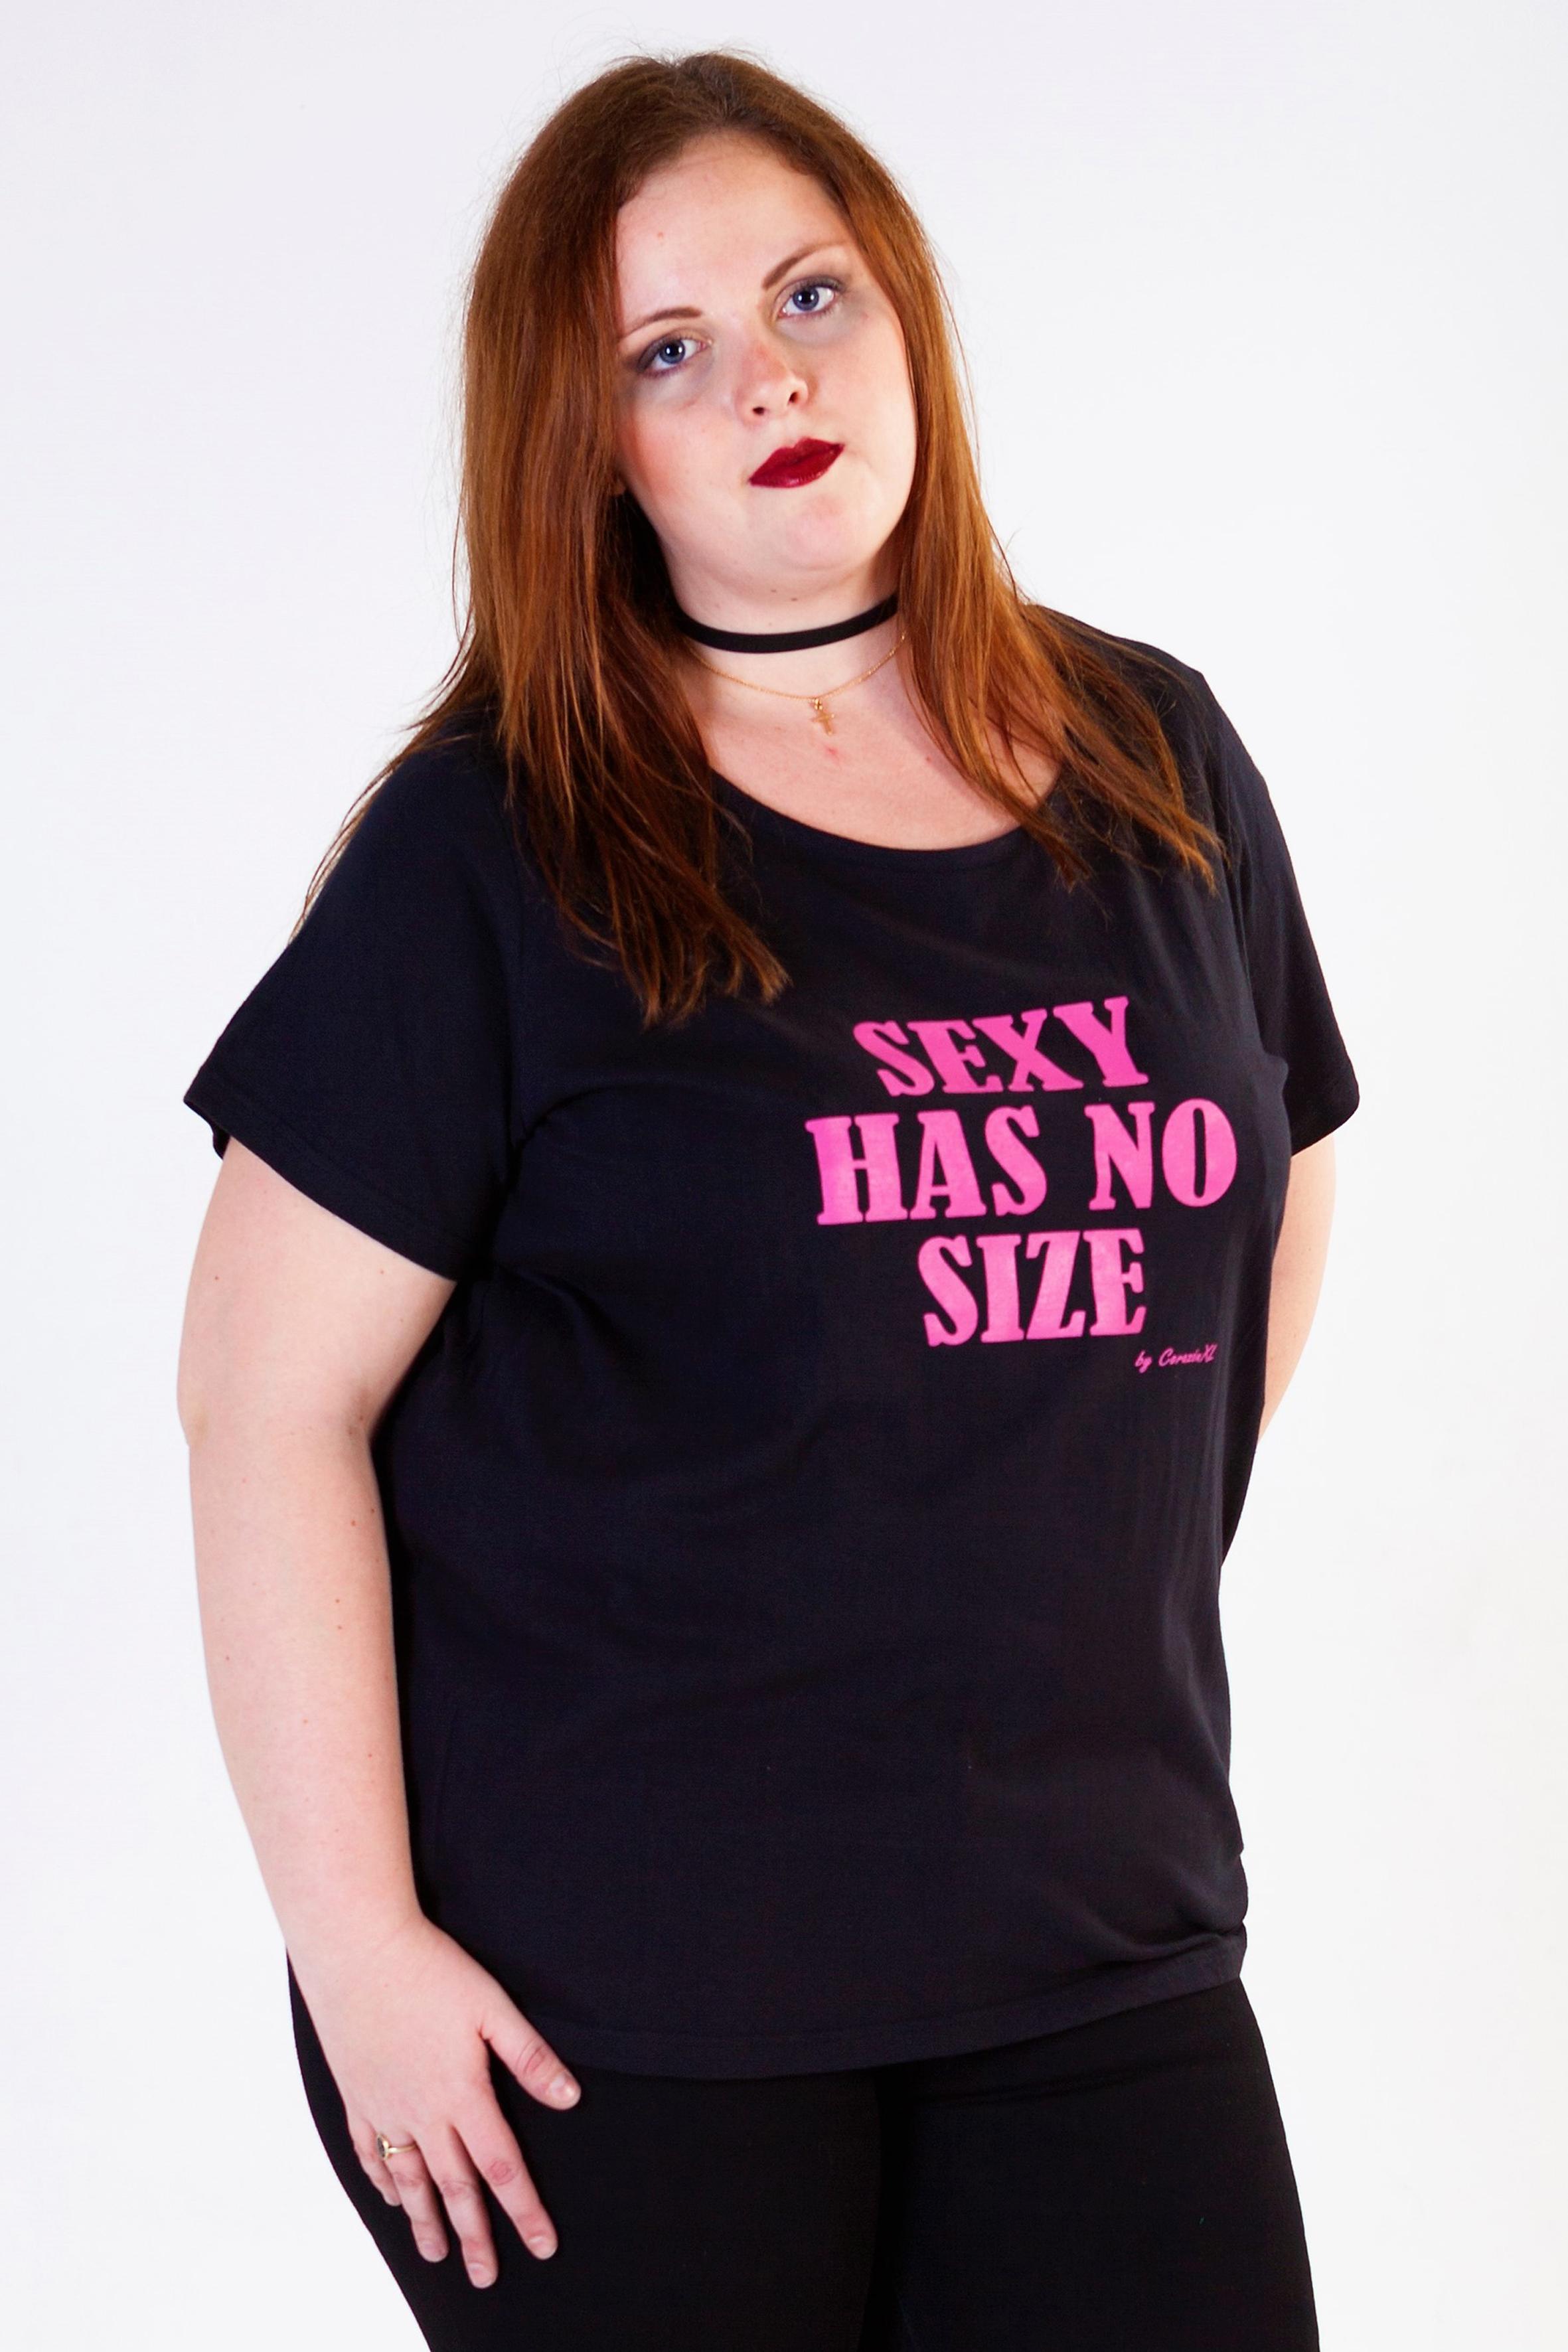 Por catálogo, en las tiendas o en Internet, las mujeres plus pisan fuerte en la industria de la moda.